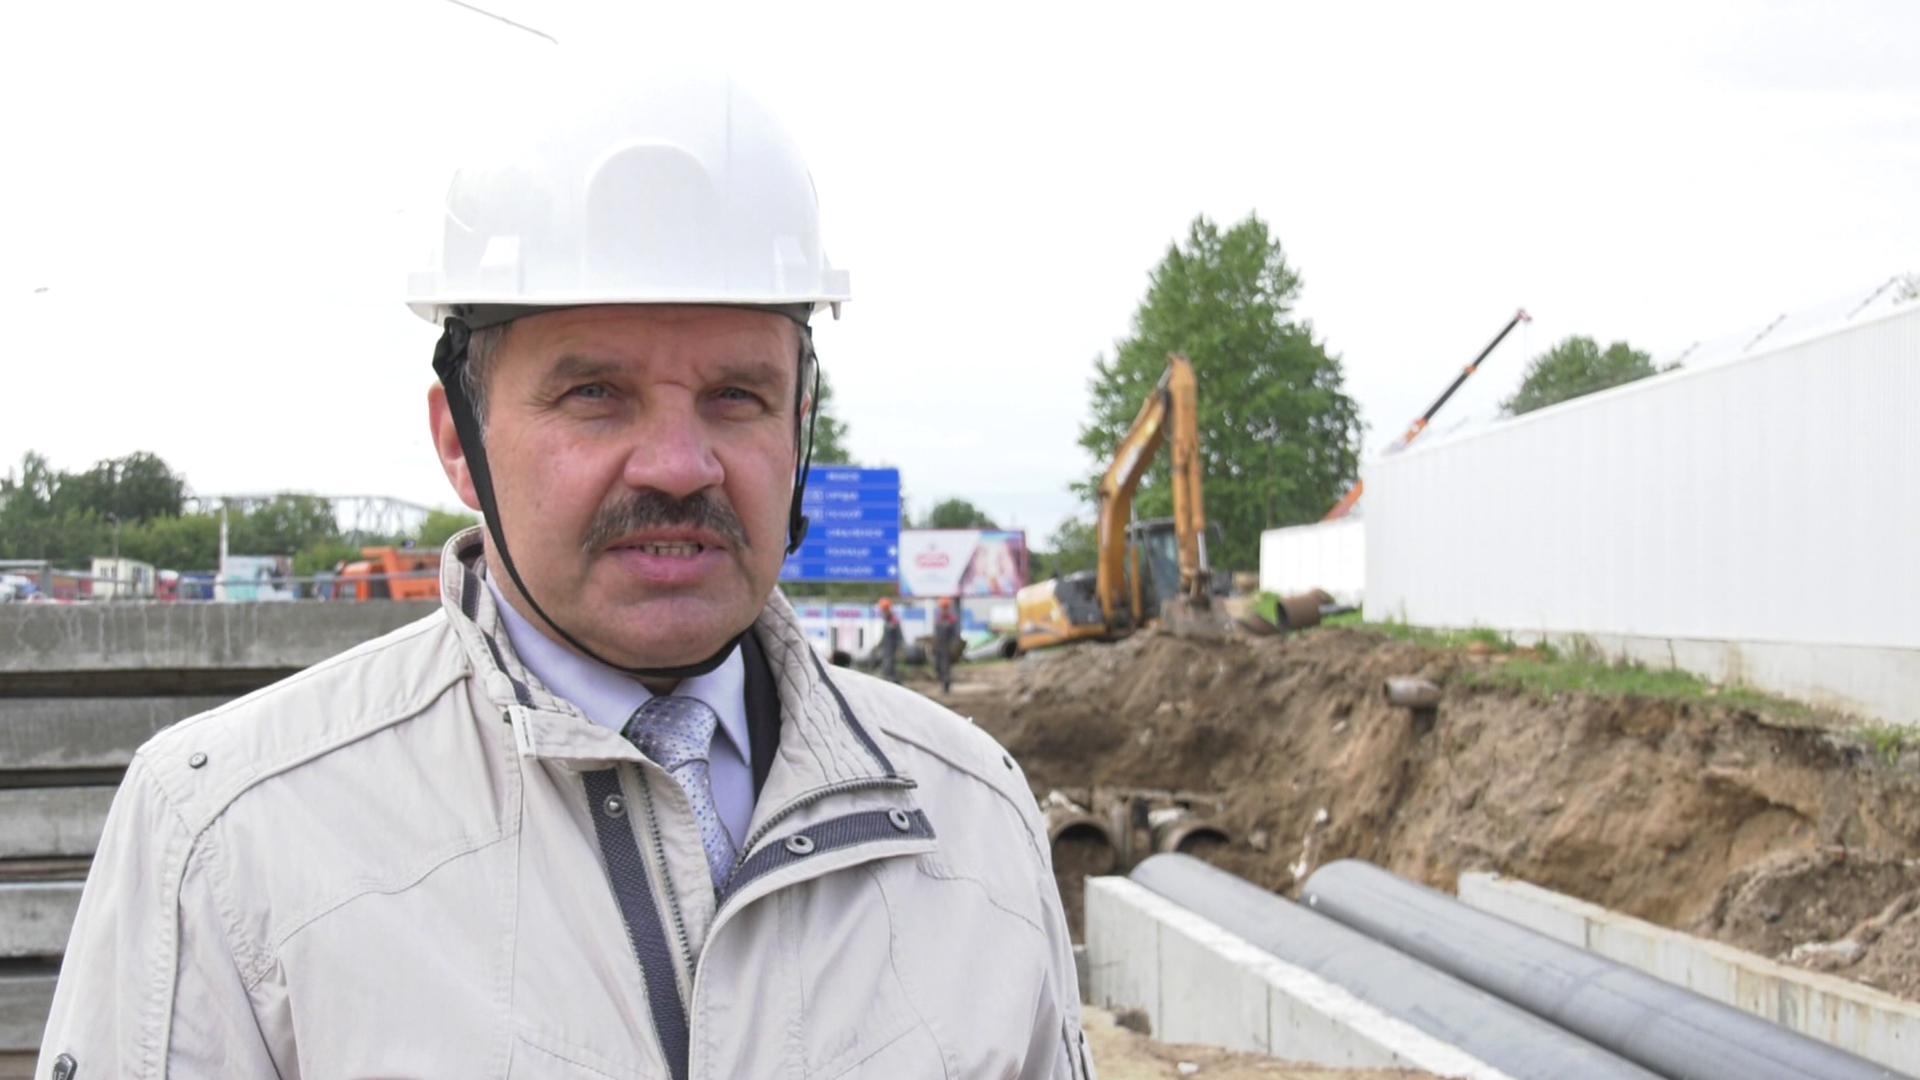 otopitelnyj sezon - Витебск готовится к отопительному сезону (видео)